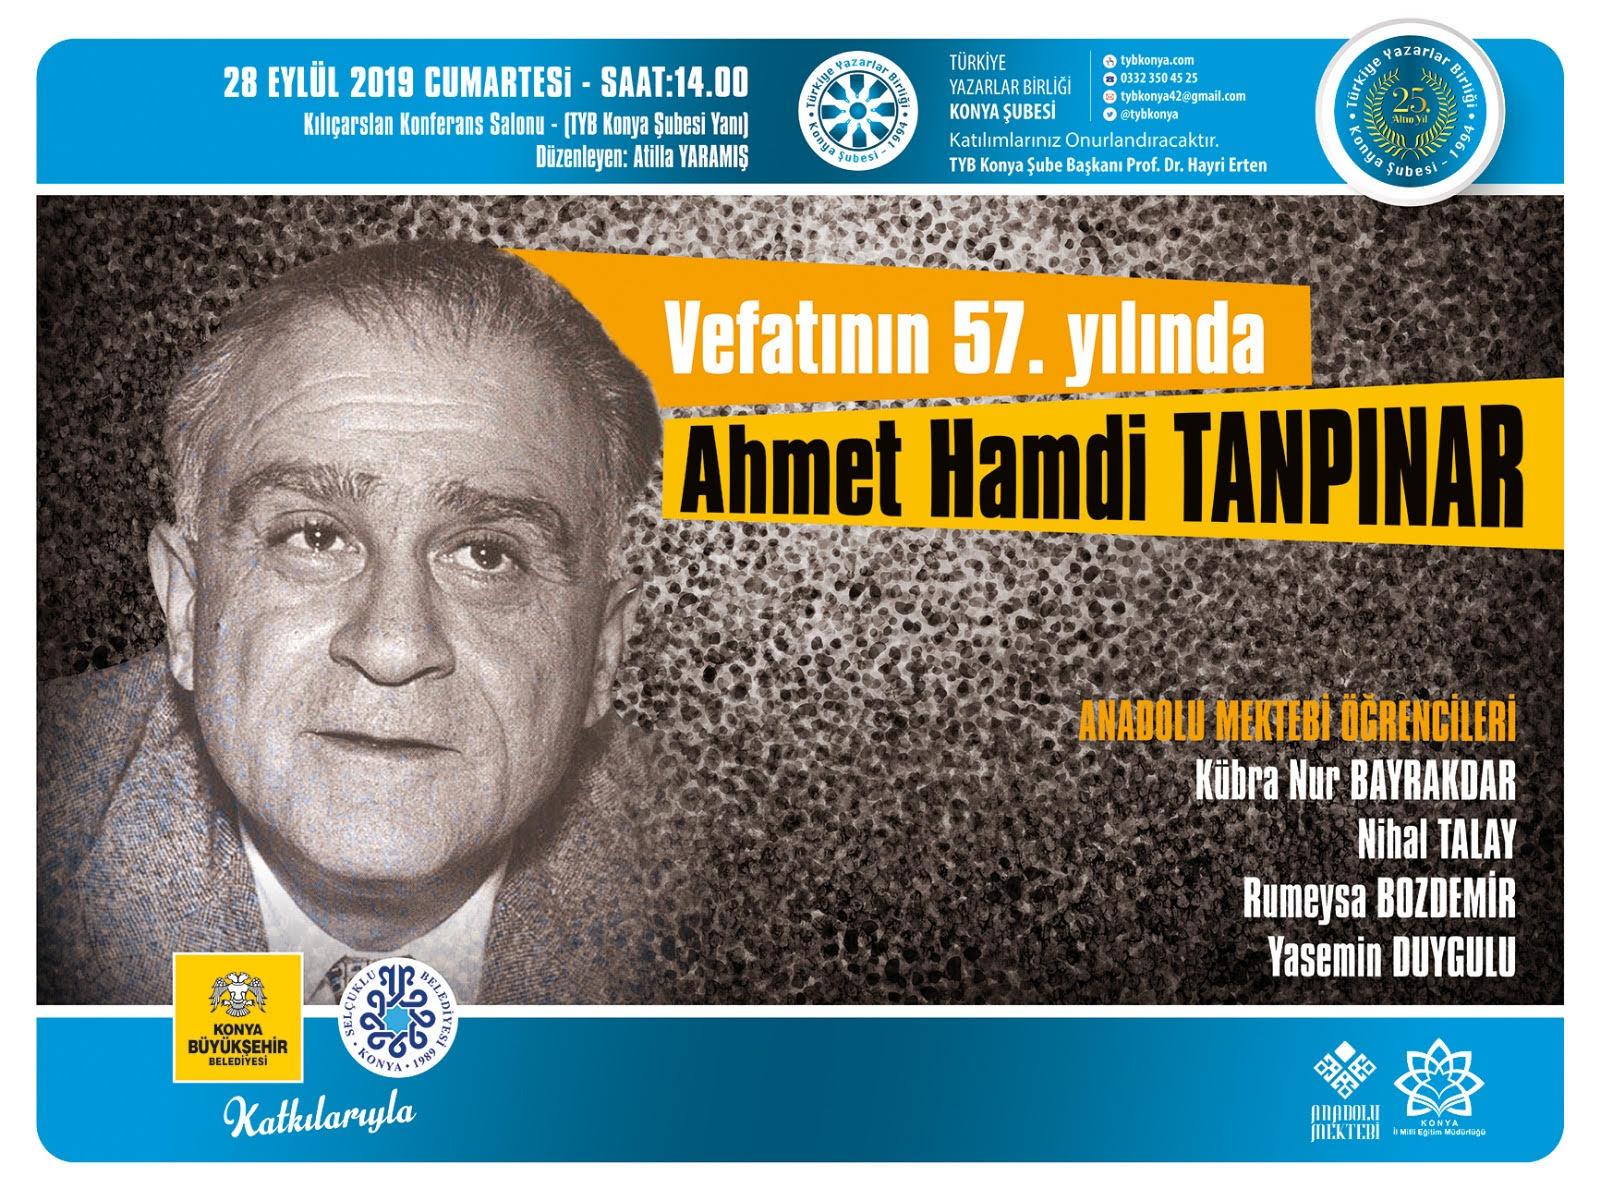 'Vefatının 57. Yılında Ahmet Hamdi TANPINAR'